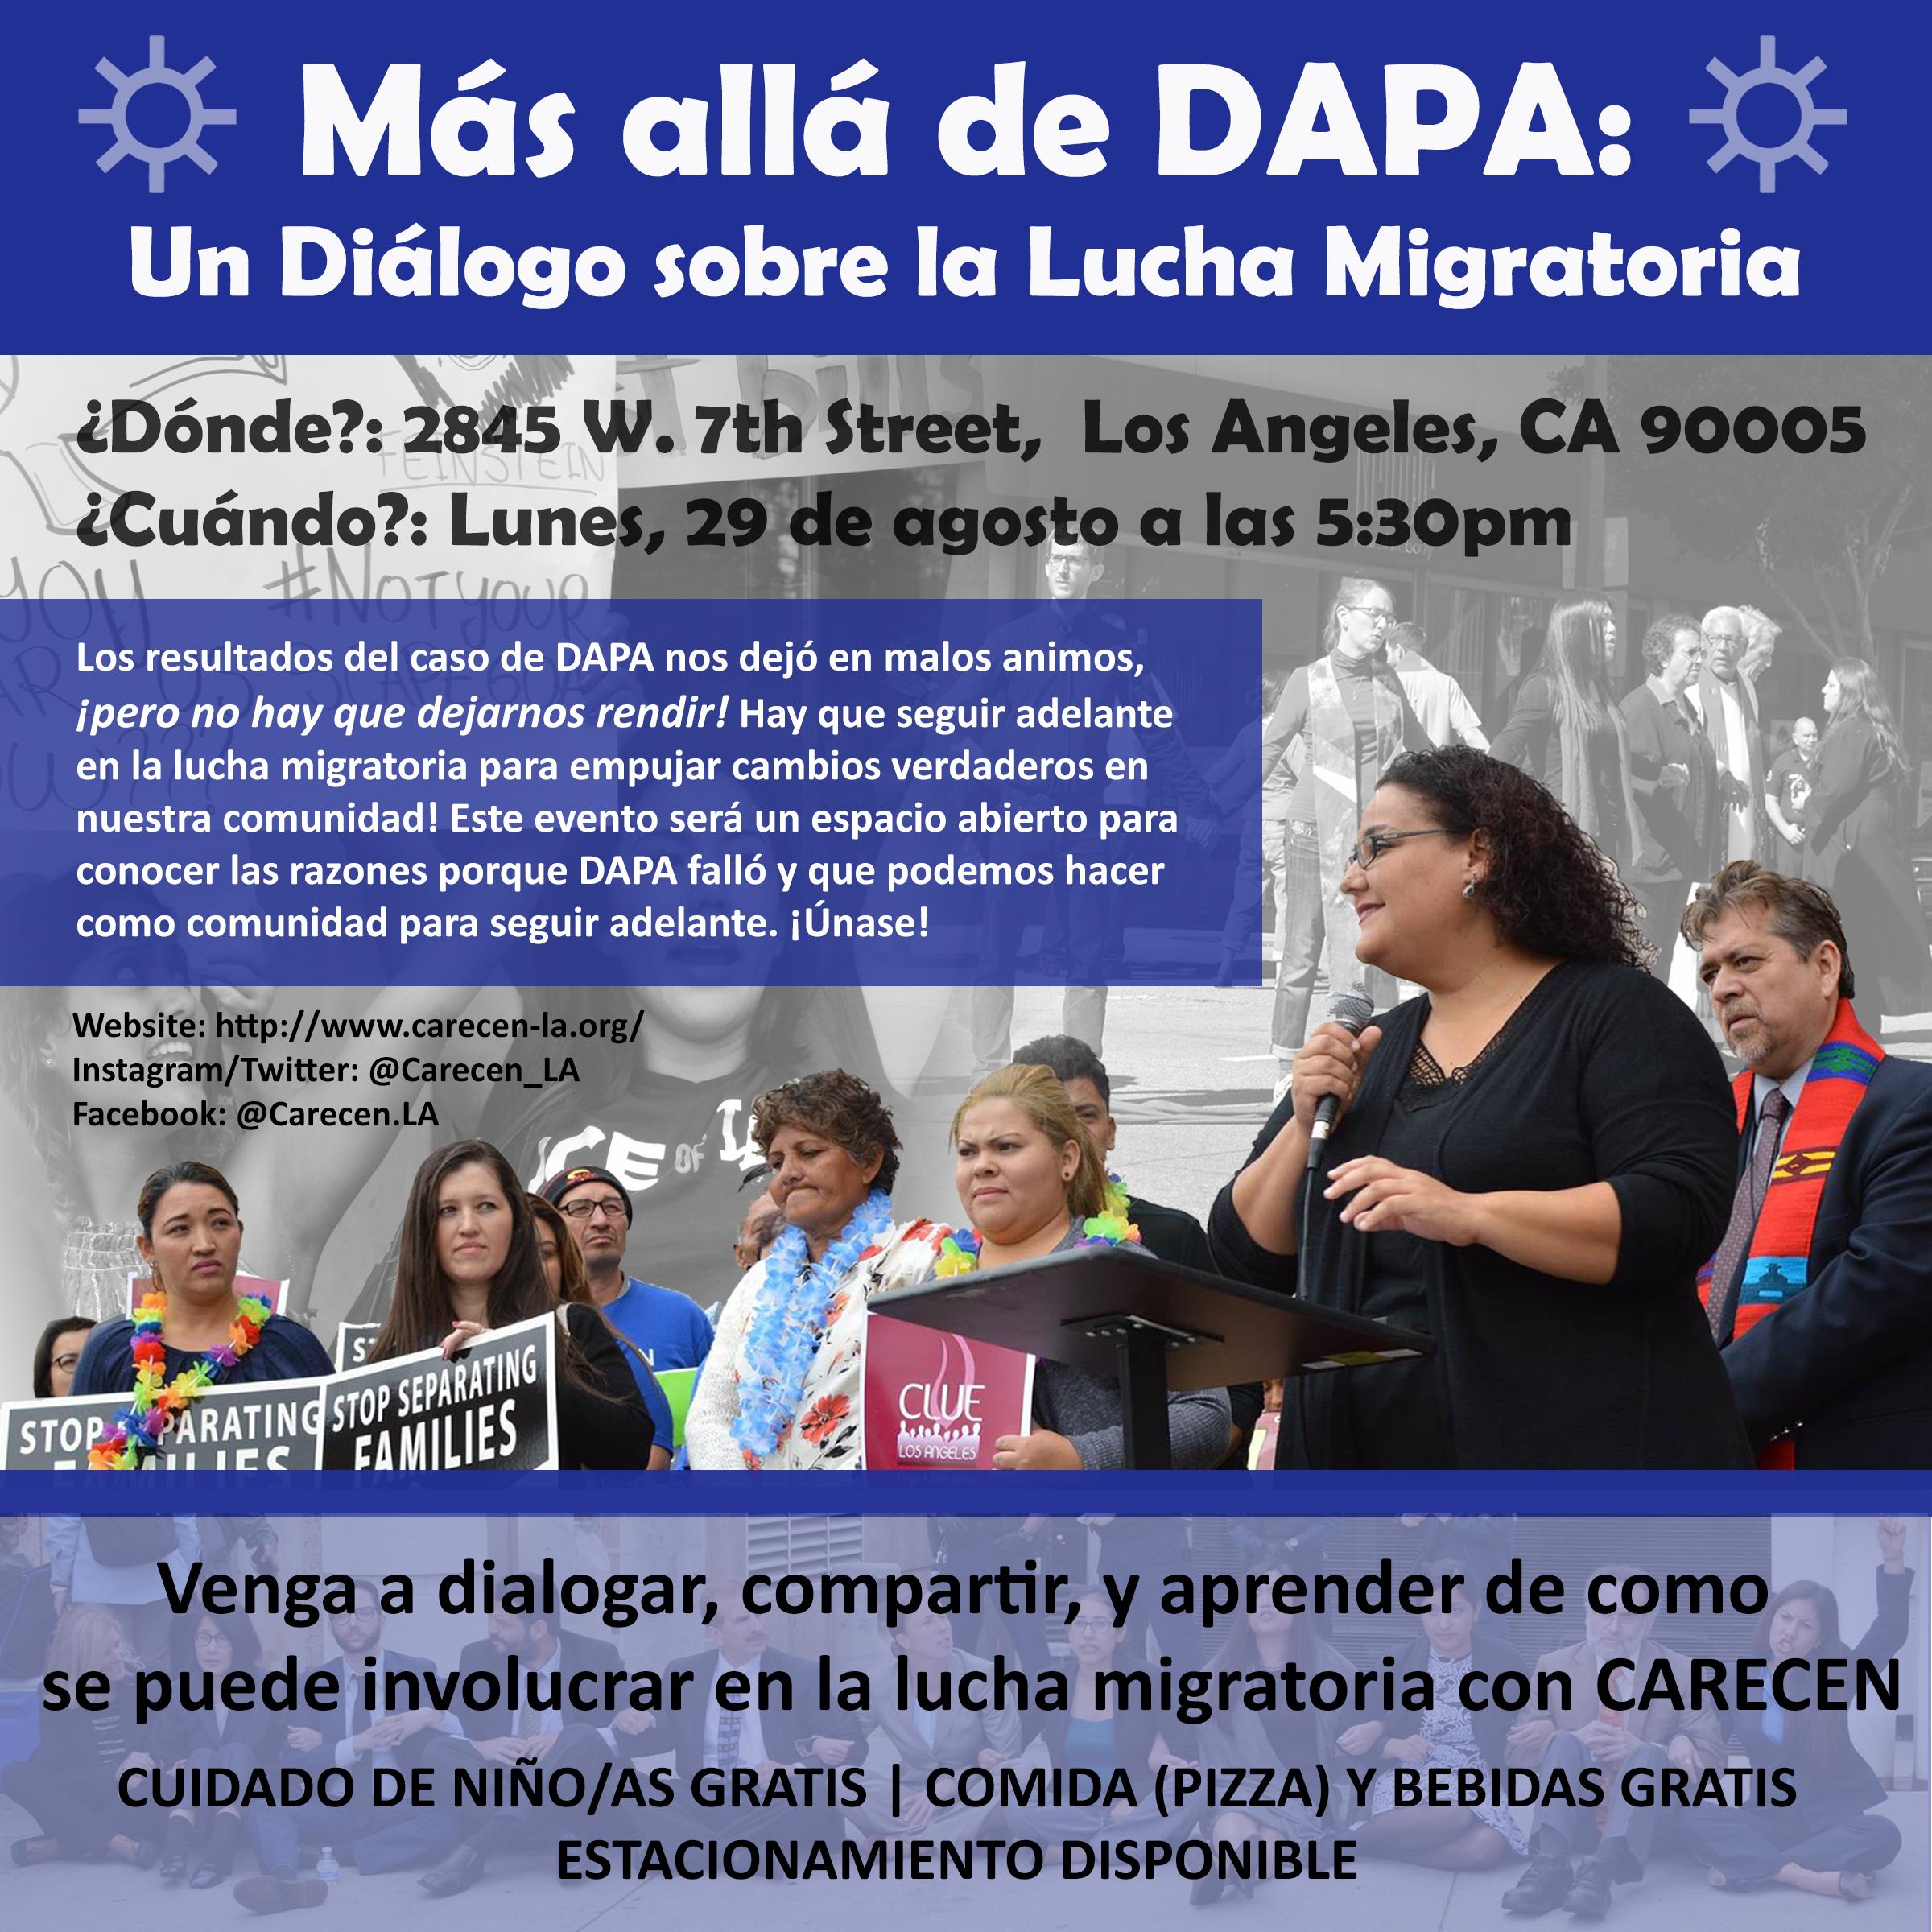 DAPA_Dialogo_Flyer2.jpg